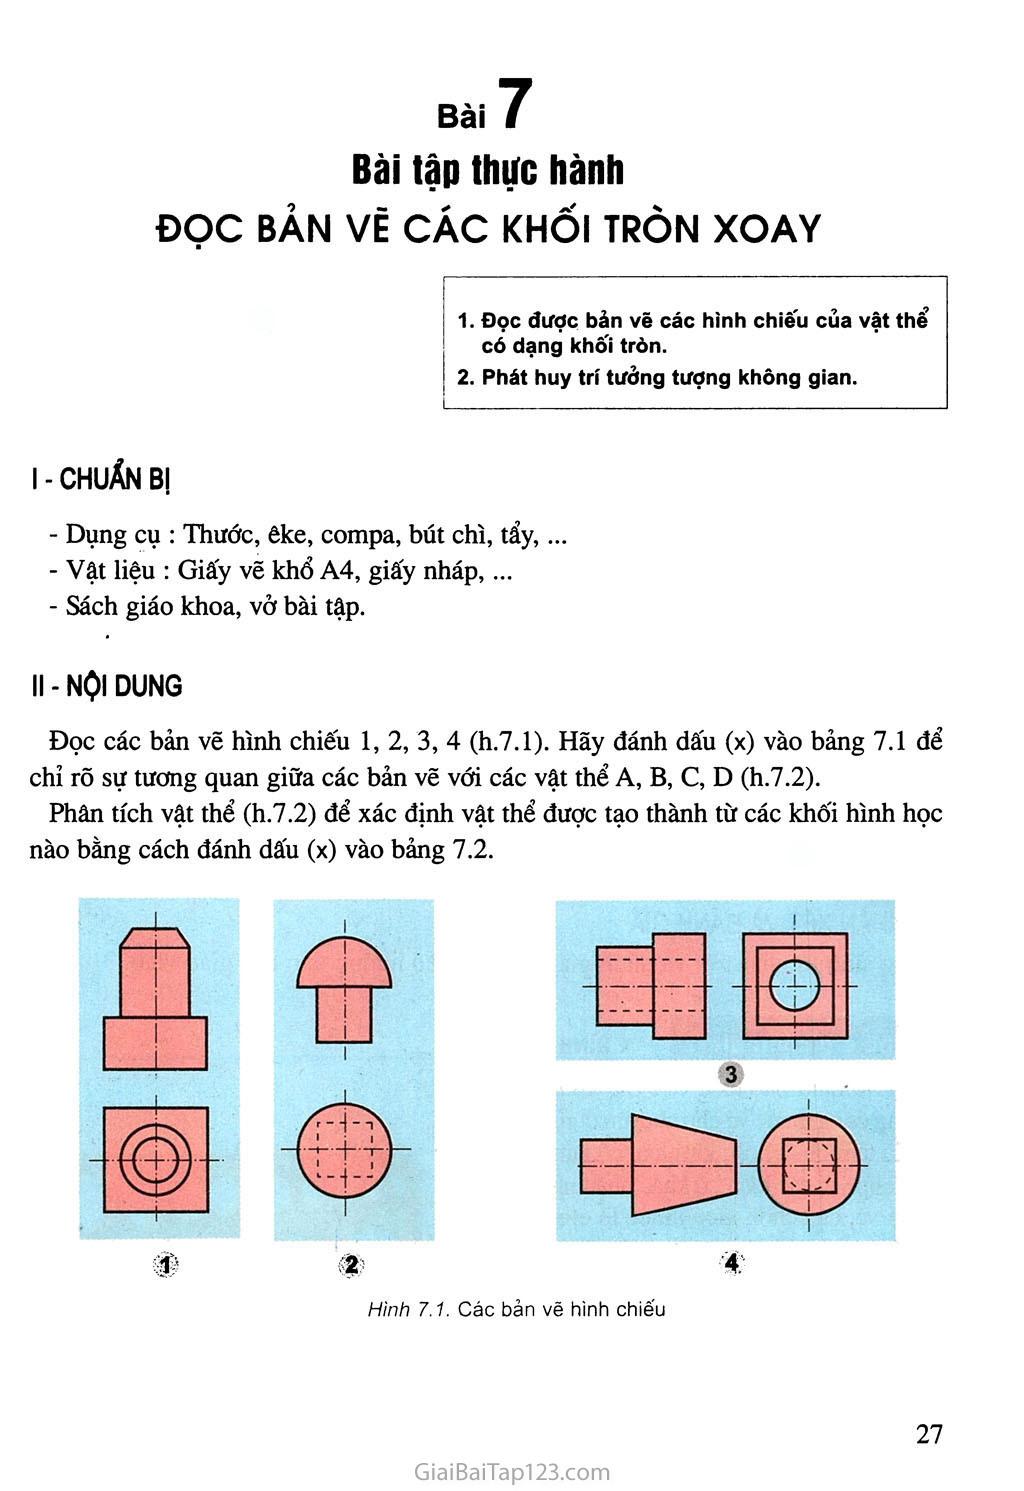 Bài 7. Bài tập thực hành - Đọc bản vẽ các khối tròn xoay trang 1